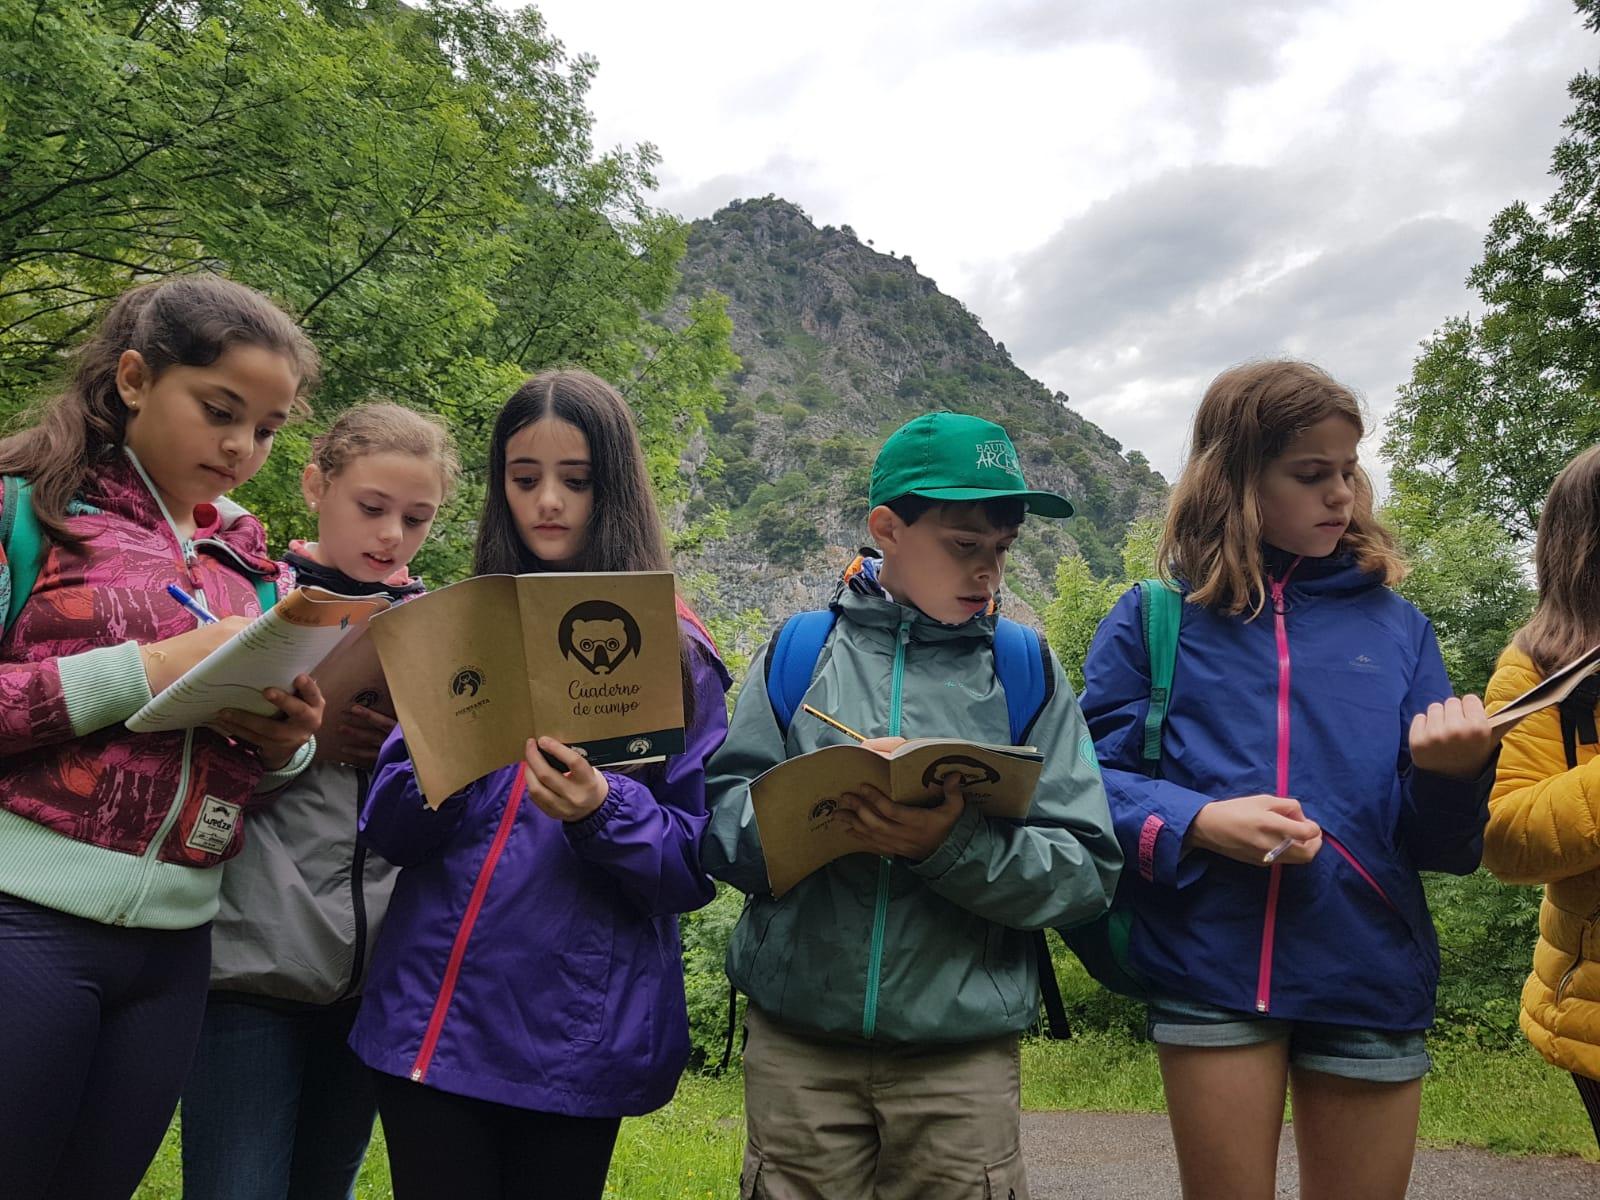 Comienzan los programas de educación ambiental 18-19